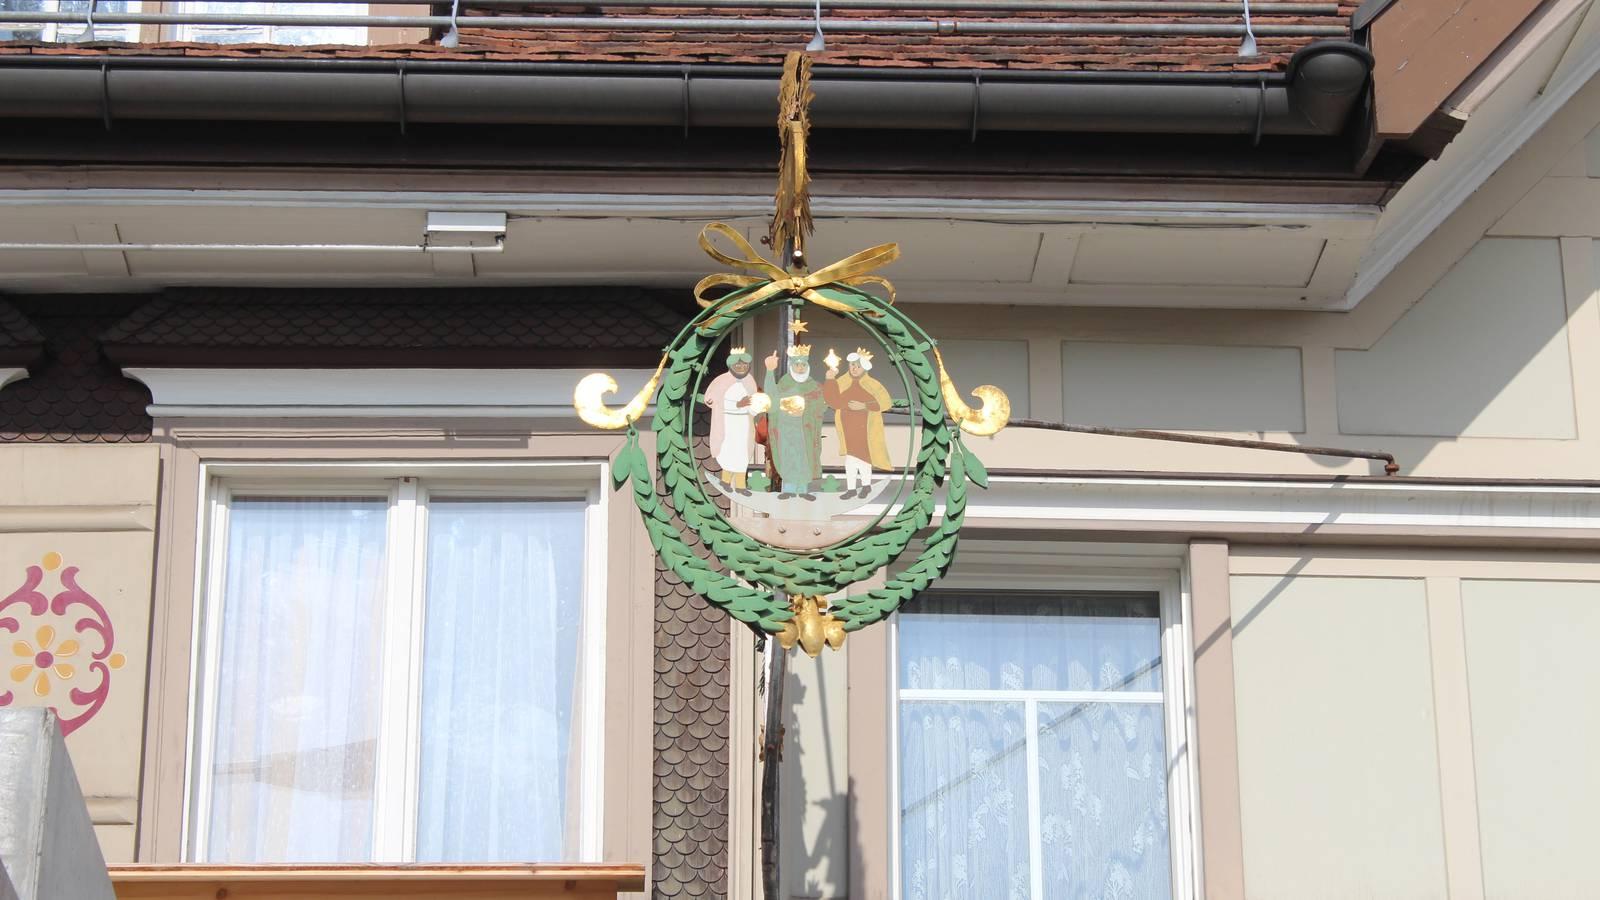 Das teilweise vergoldete Wirtshausschild im Stil der Empirezeit. (© FM1Today)